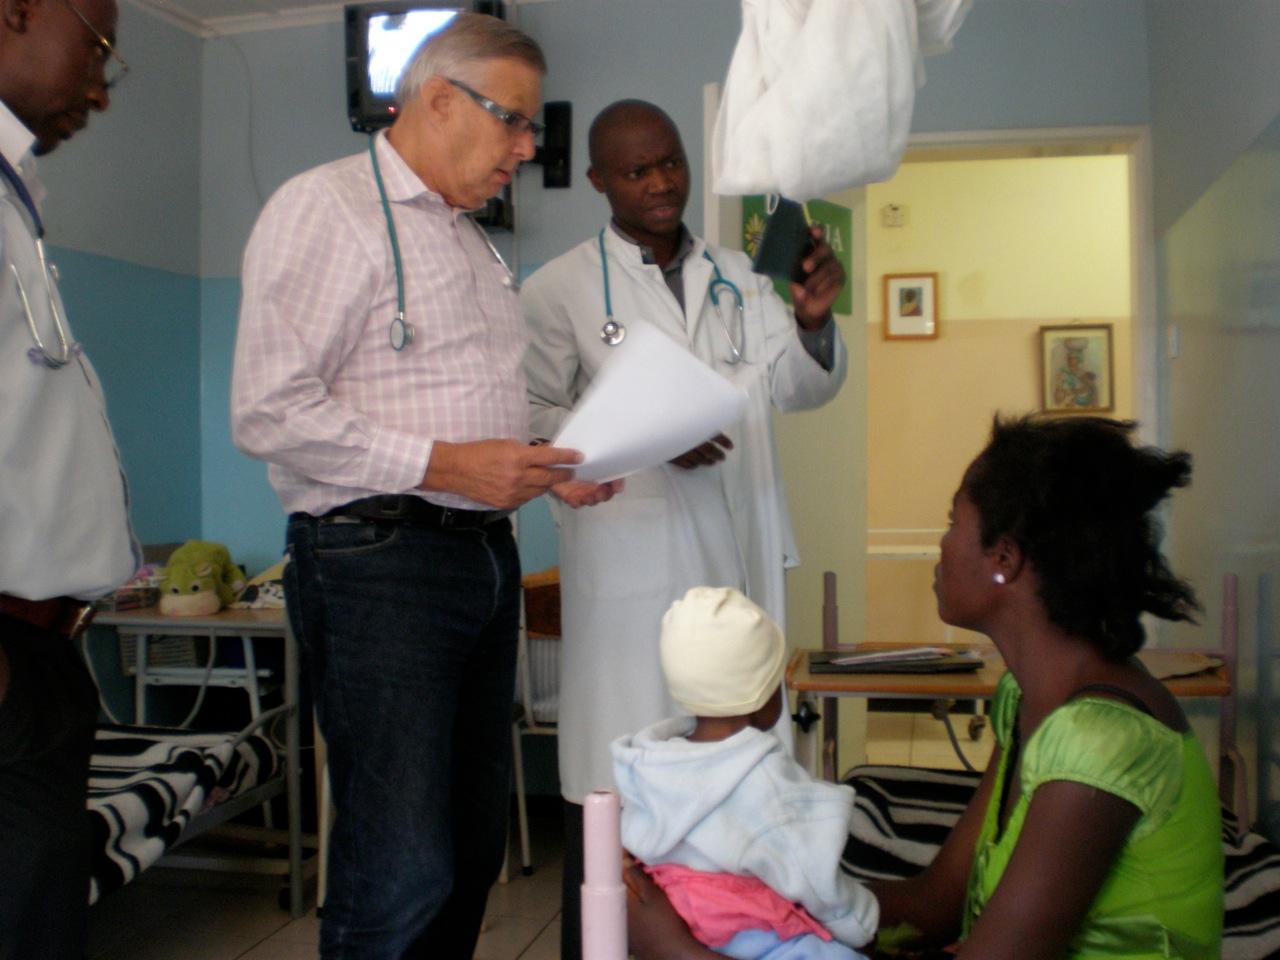 dr-bush-treating-at-hospice.jpeg